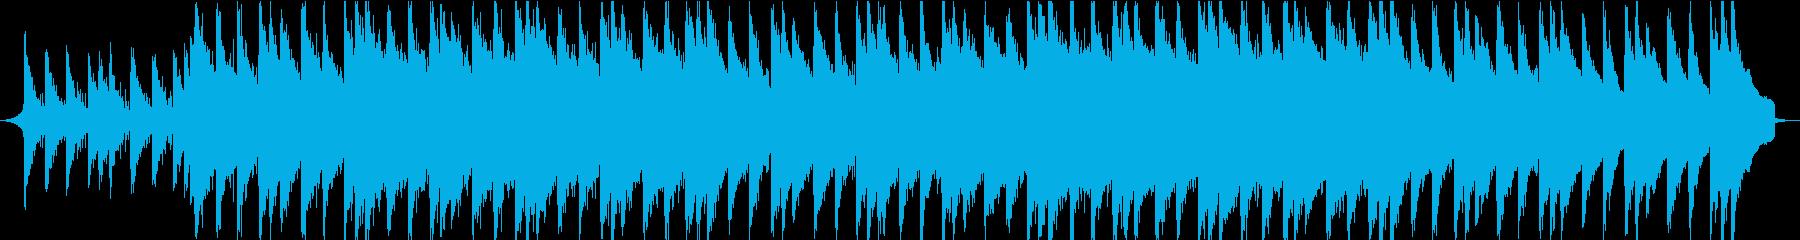 オシャレ・エモーショナルな映像用音楽③の再生済みの波形